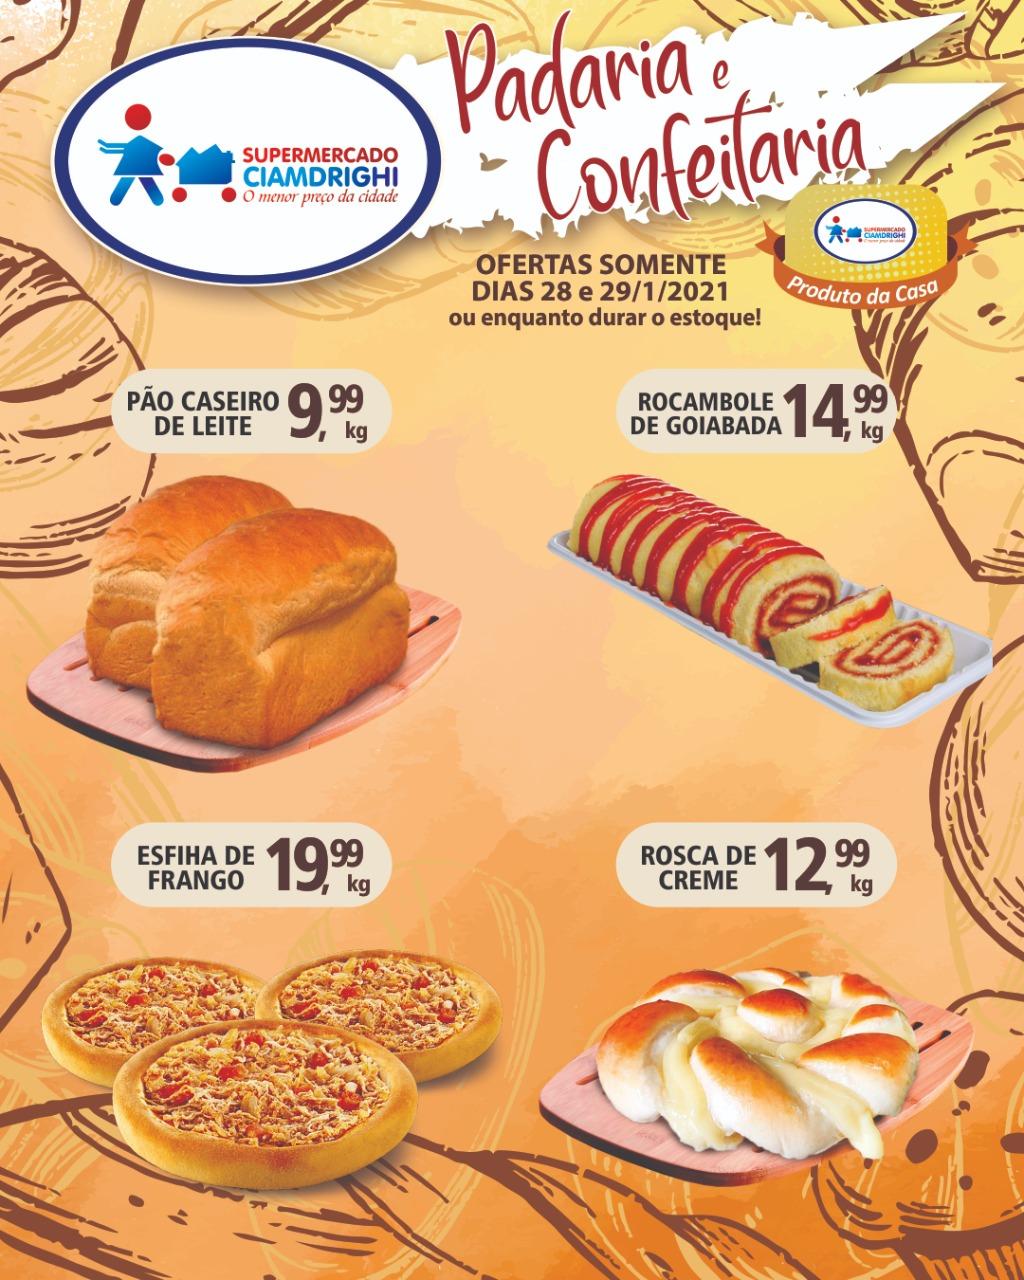 Ciamdrighi tem pão caseiro de leite, rosca de creme, rocambole e esfiha de frango em promoção